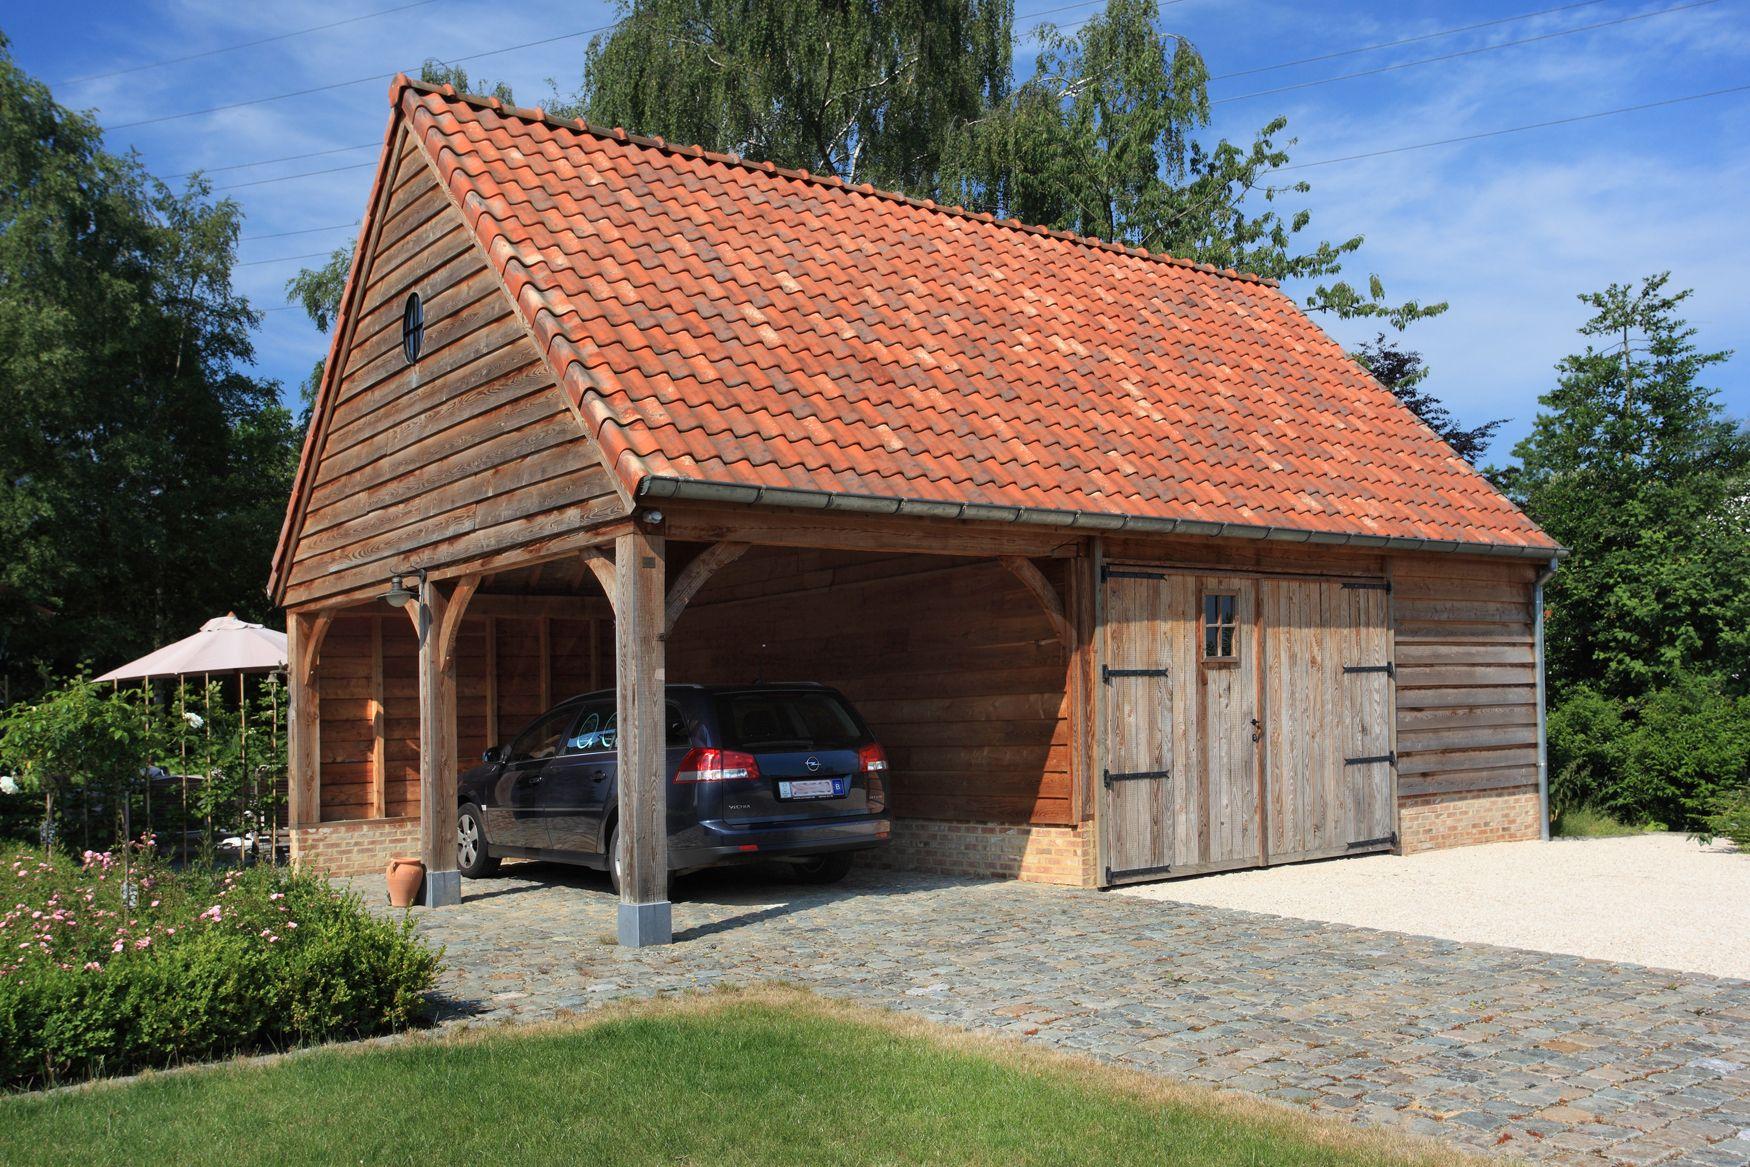 Carports & garages t landhuys voor het huis pinterest